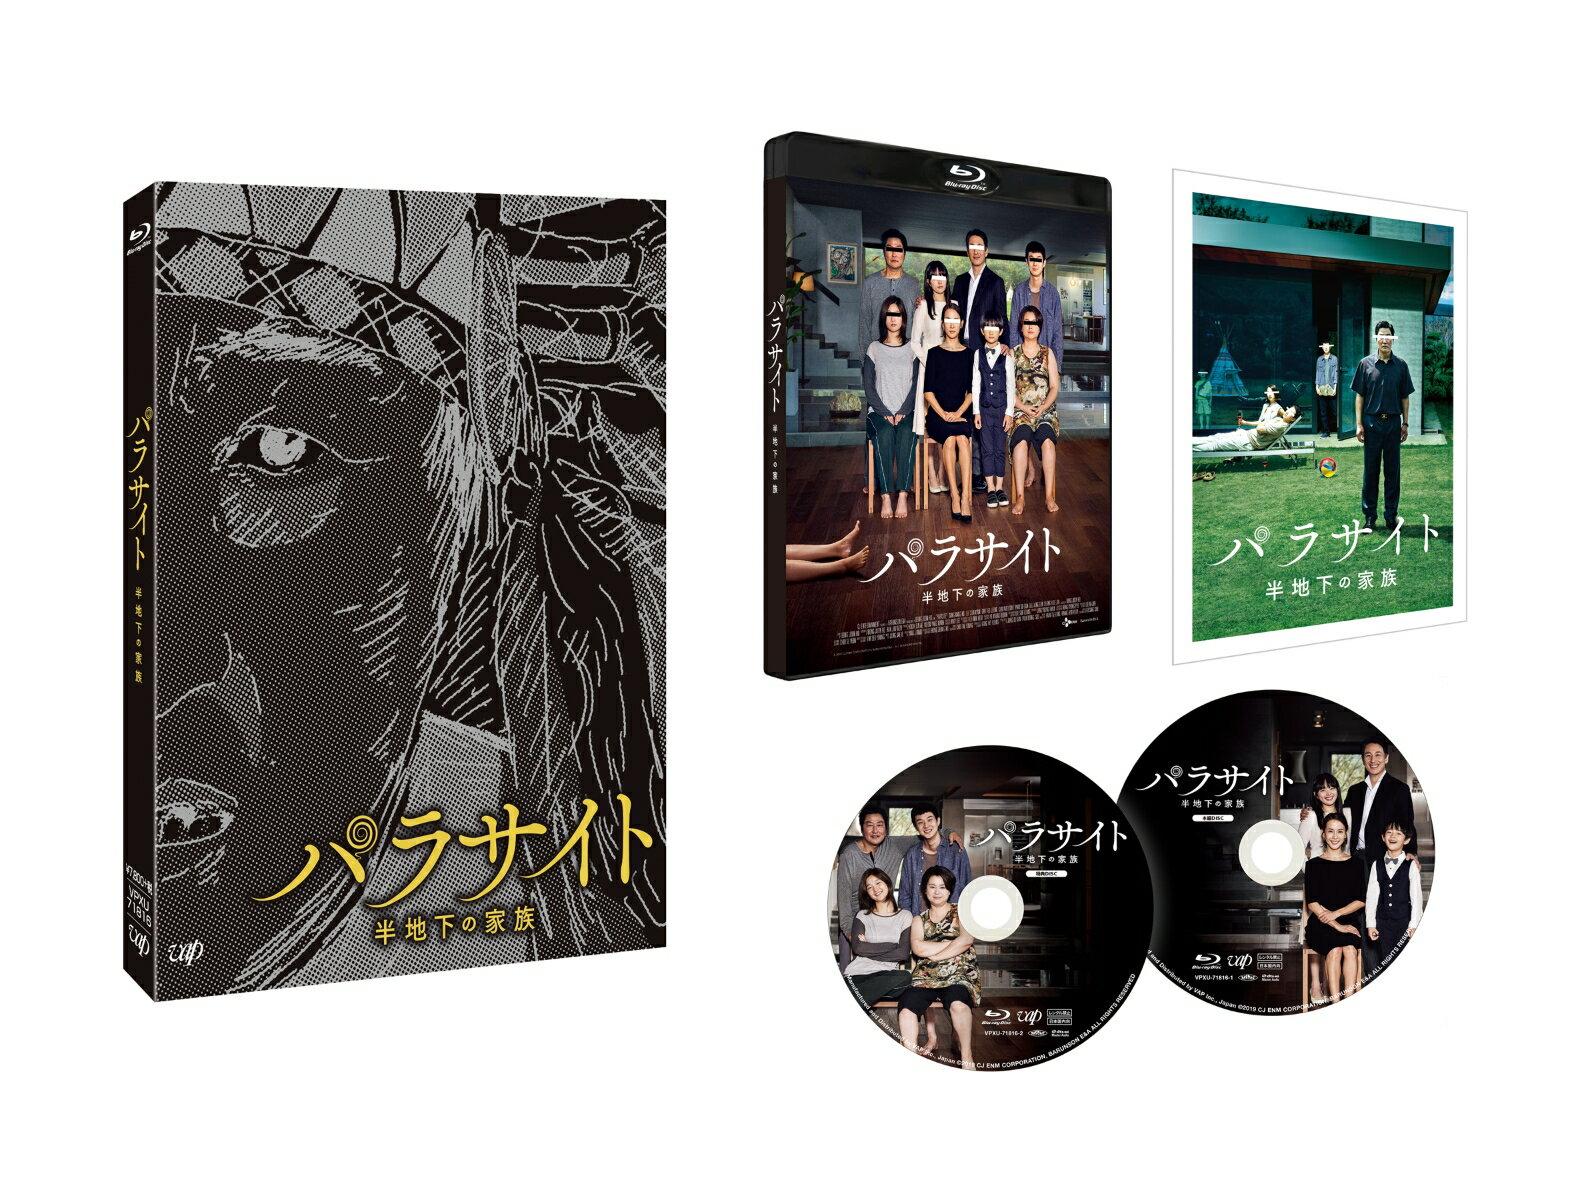 パラサイト 半地下の家族【Blu-ray】